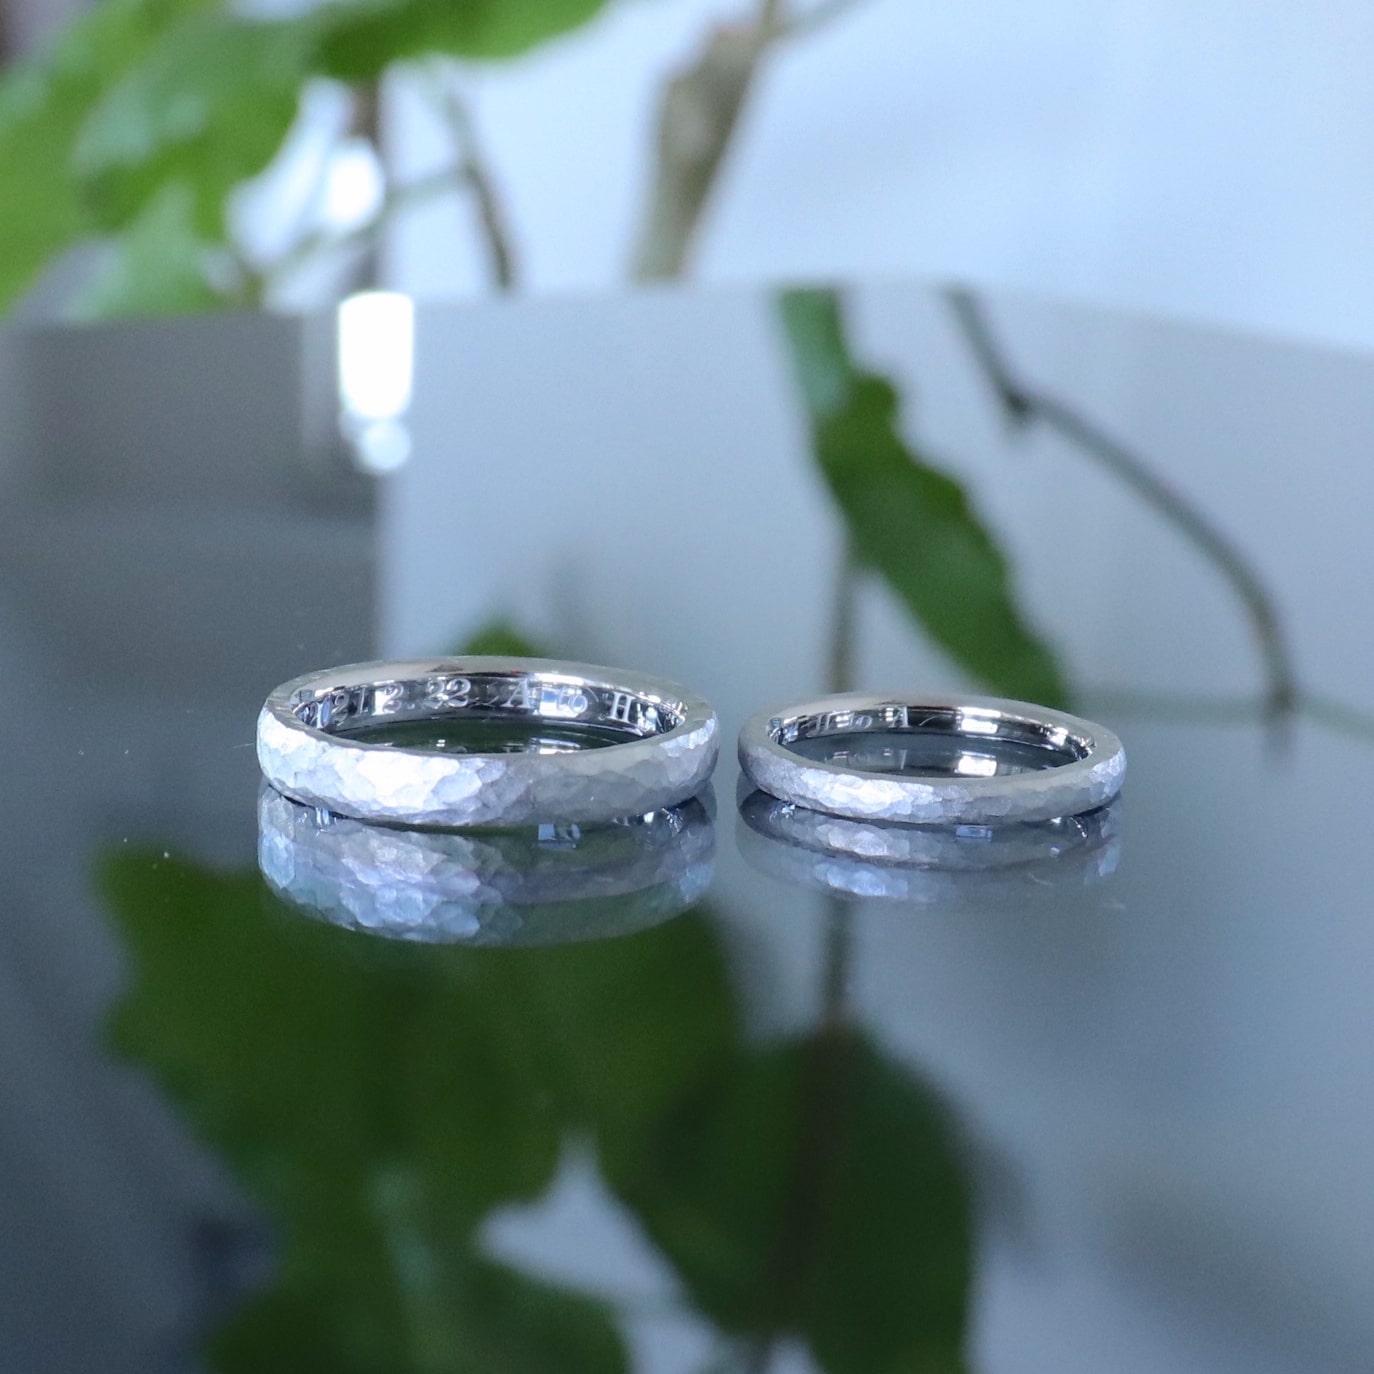 鎚目模様を施したマットな結婚指輪